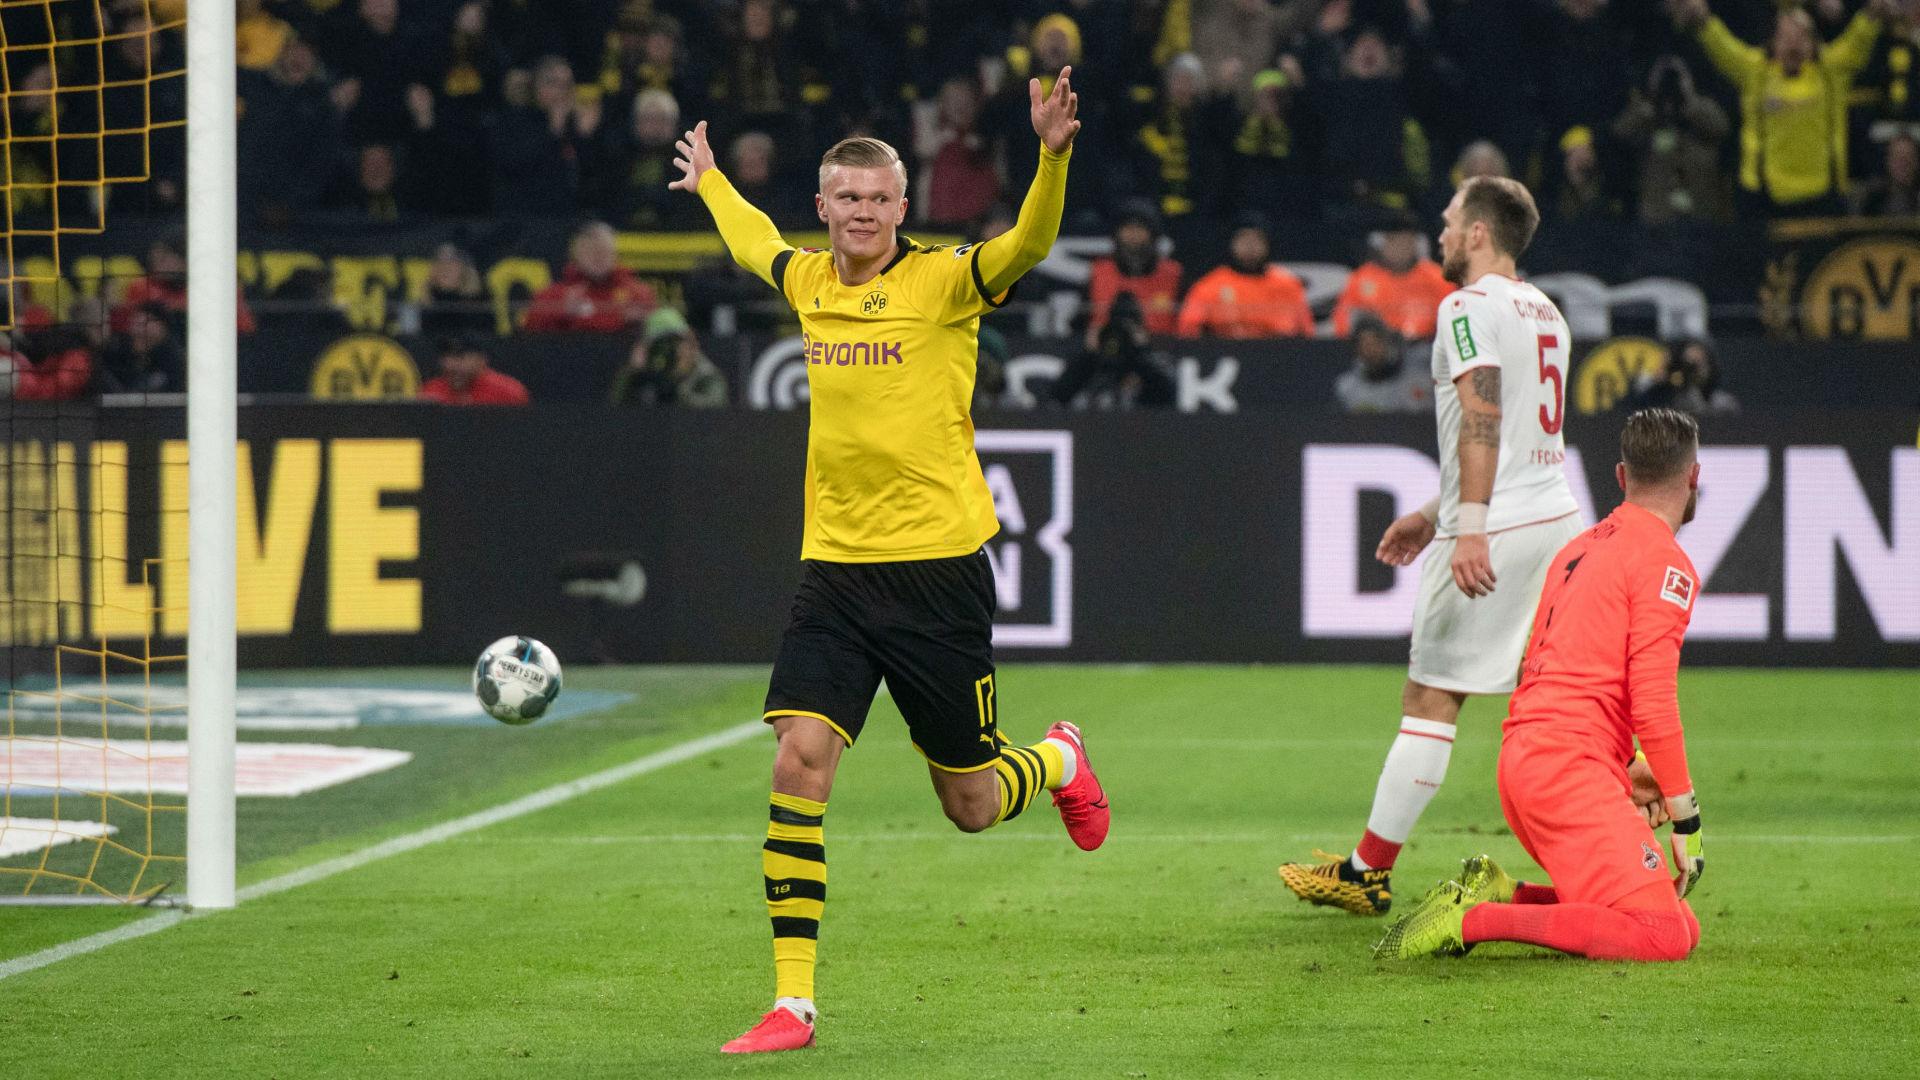 Roman Weidenfeller Erling Haaland Is The Future Of Borussia Dortmund Goal Com